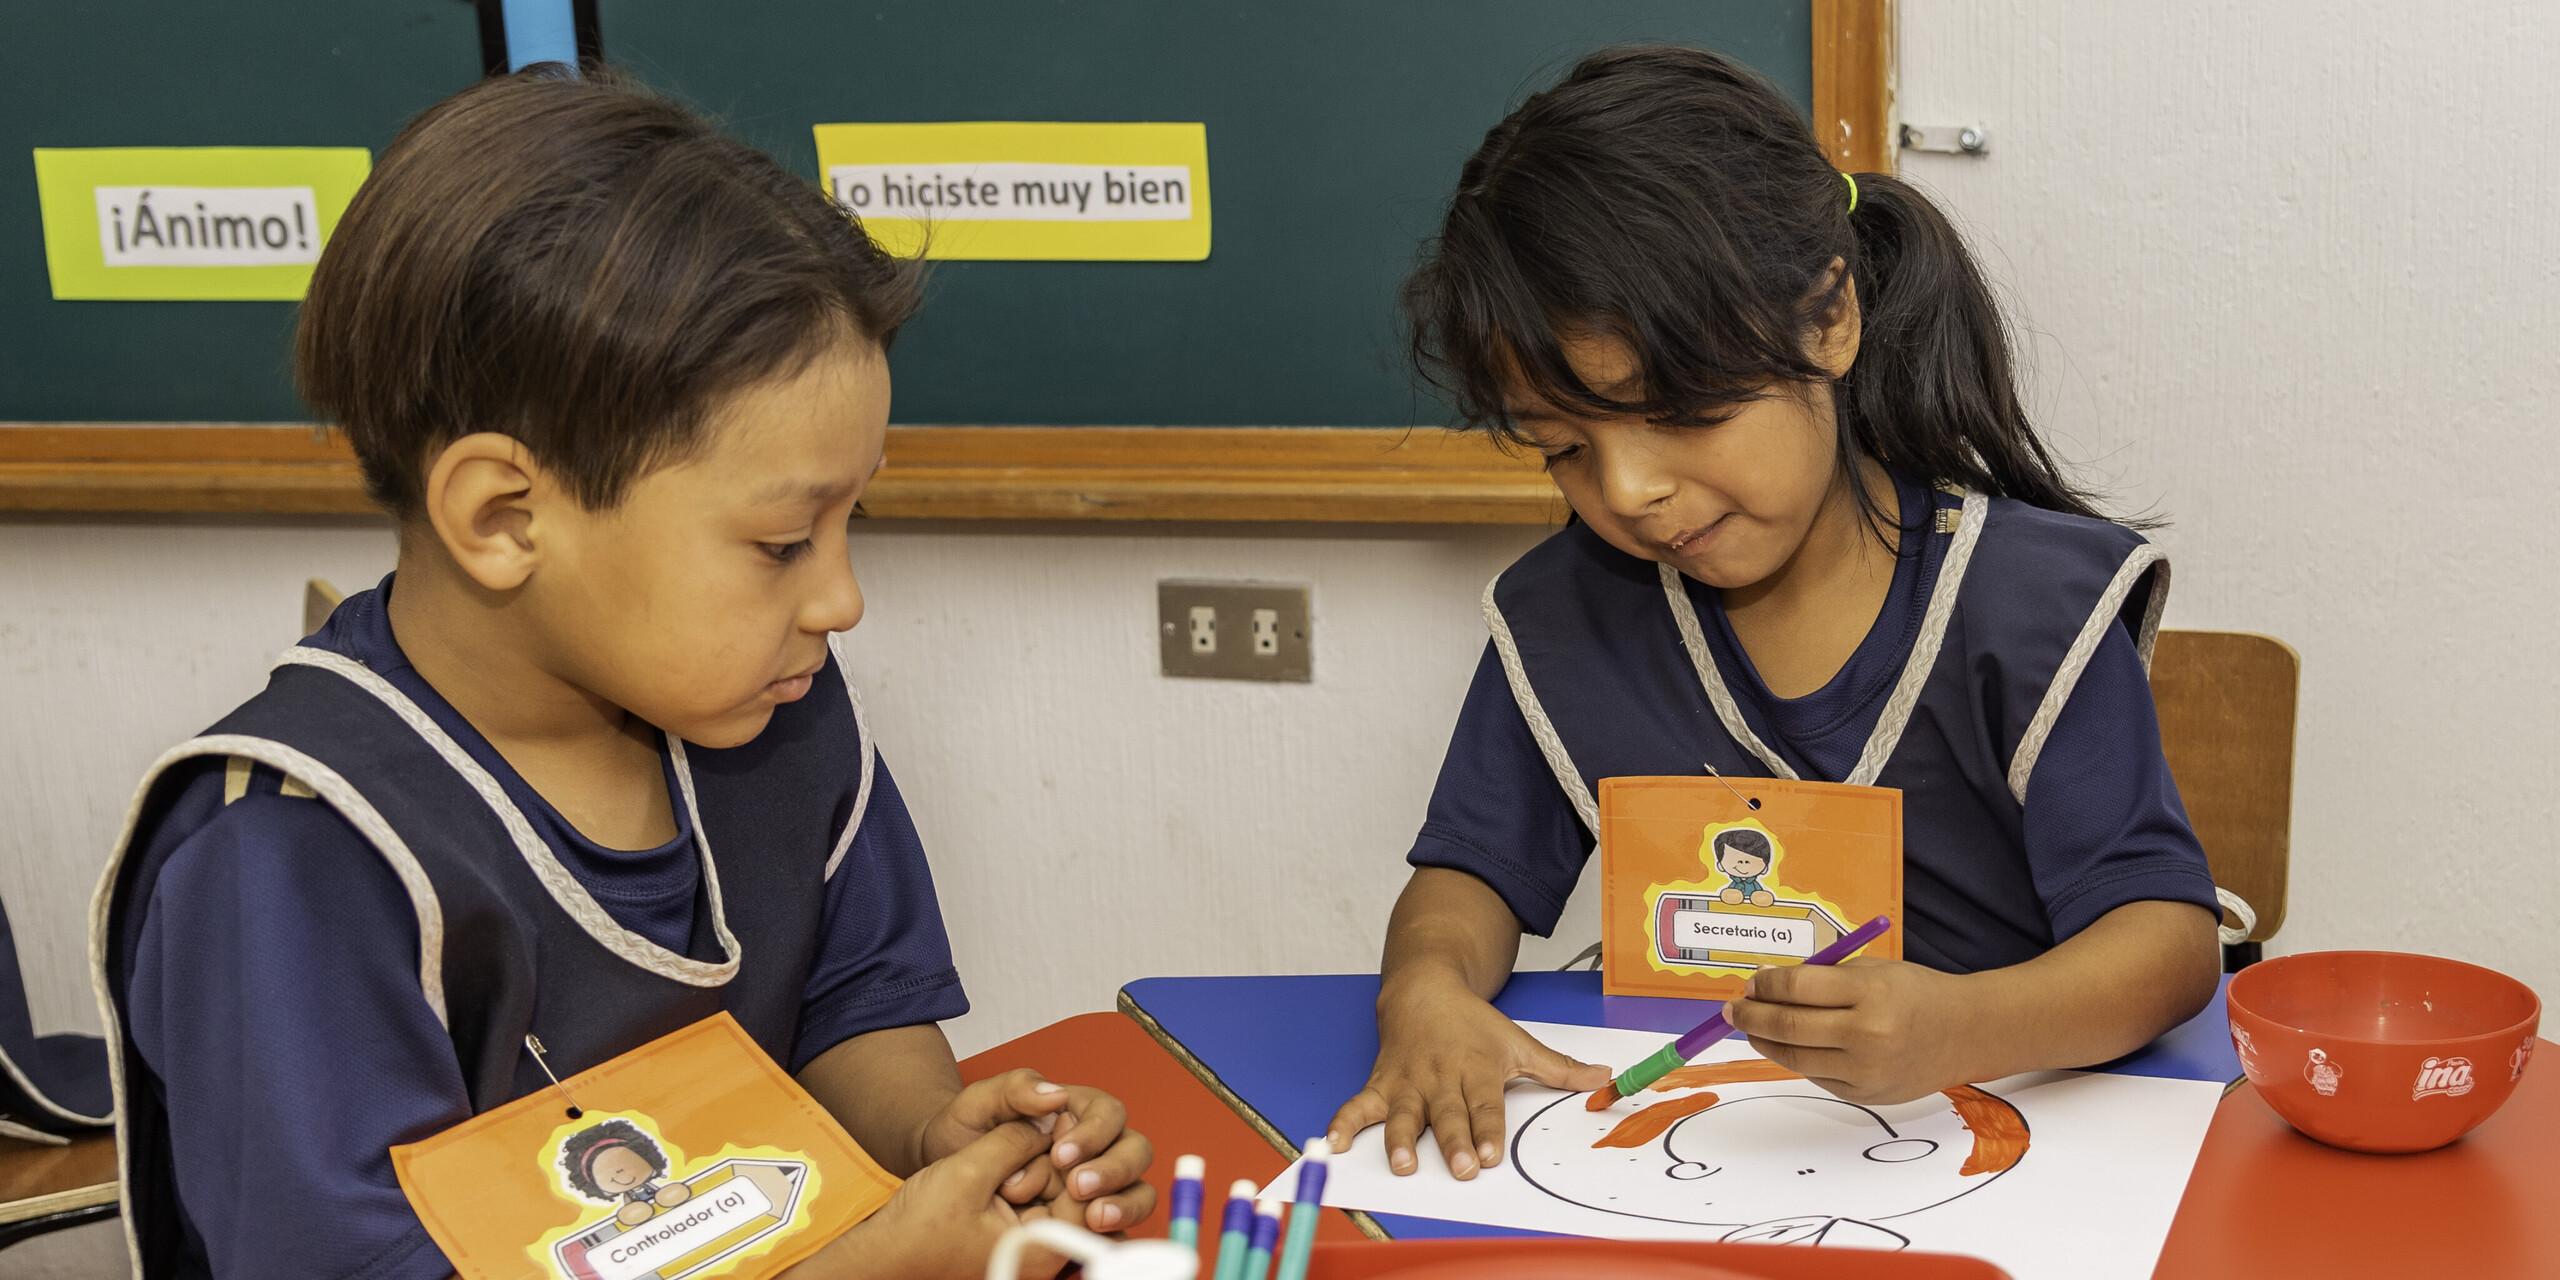 Vorschulkinder lernen im Klassenzimmer